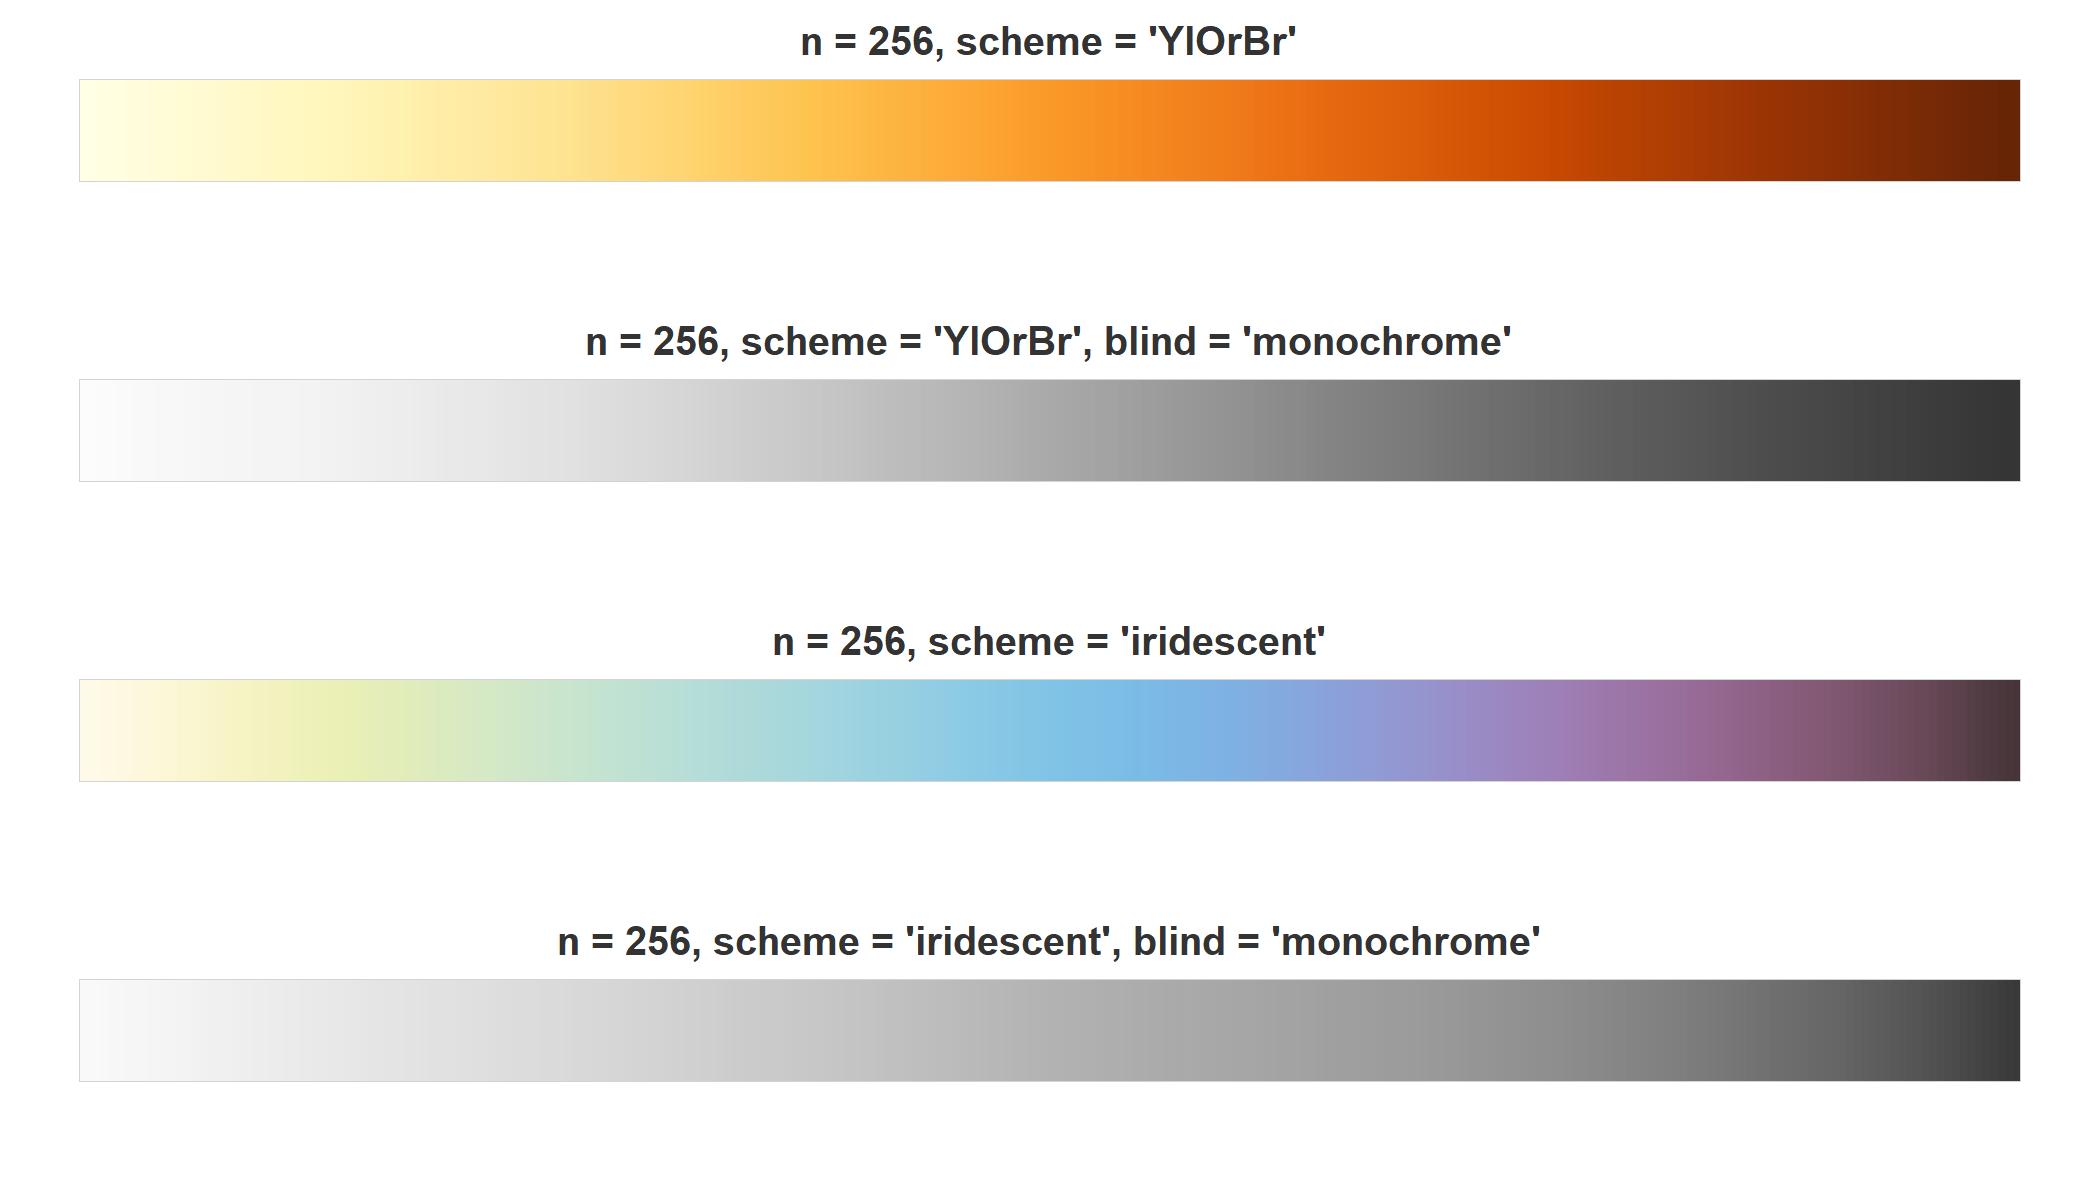 Prepare YlOrBr scheme for gray-scale conversion.